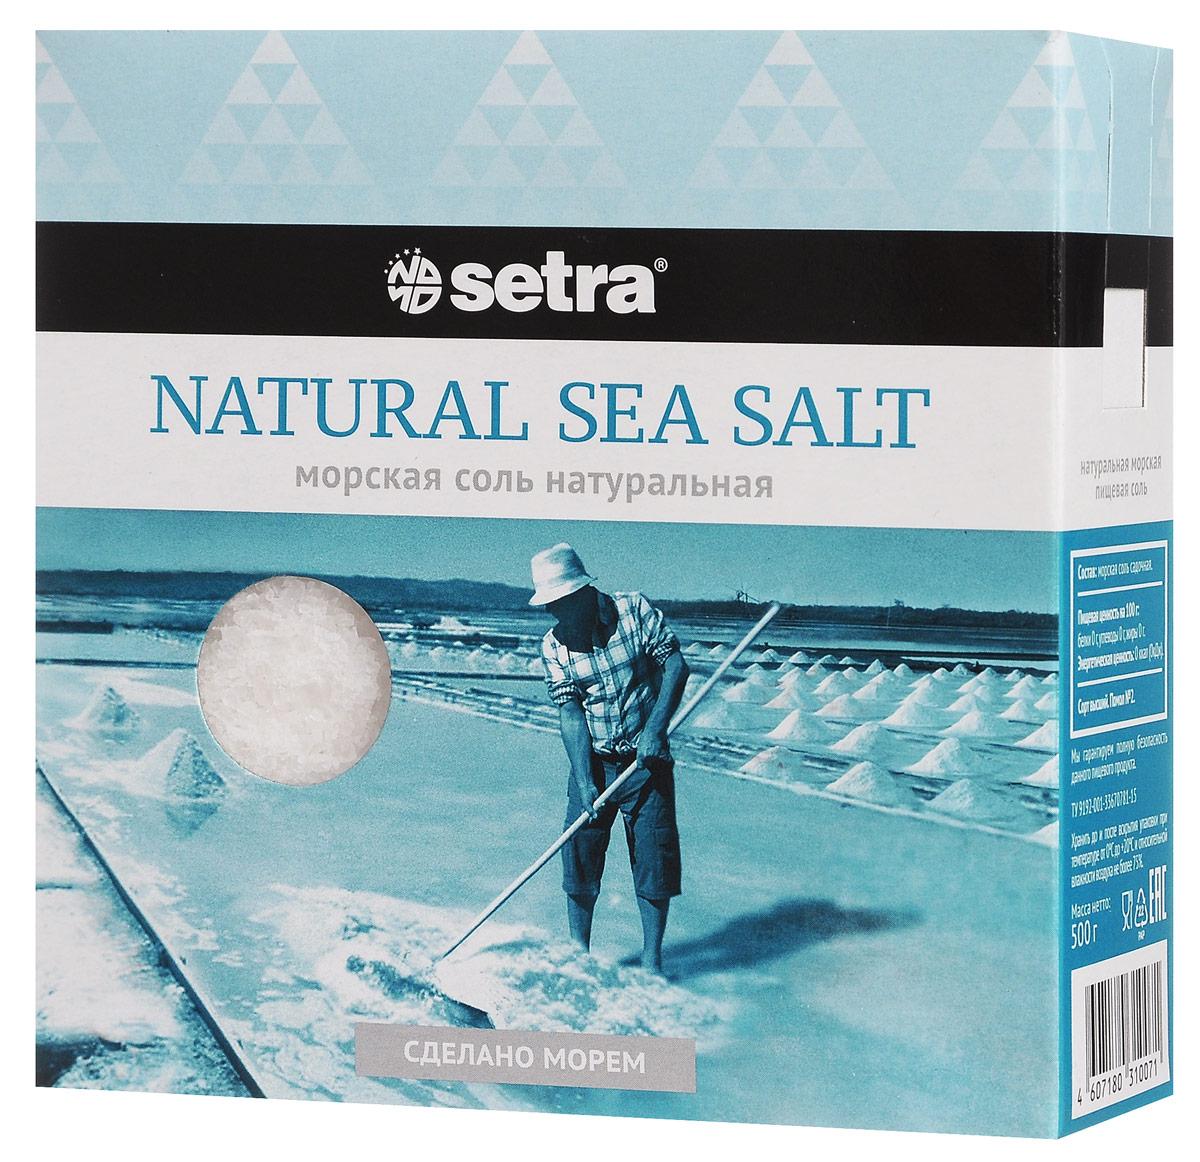 Setra соль морская натуральная без добавок, 500 г